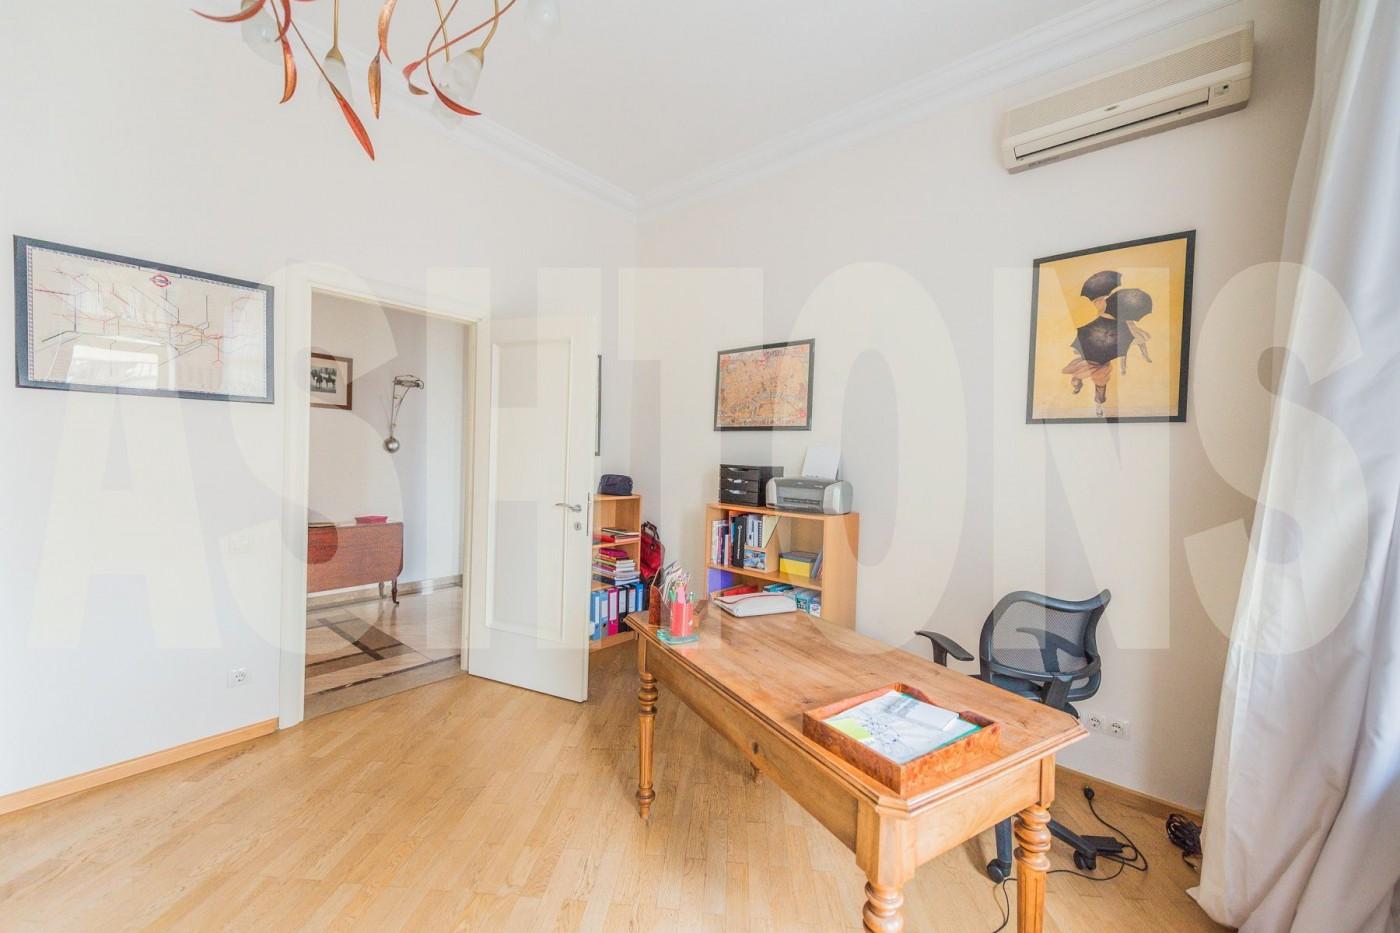 Аренда пятикомнатной квартиры на Воротниковском переулке, дом 4 в Тверском районе центра Москвы от агентства элитной недвижимости Ashtons International Realty Ashtons.ru